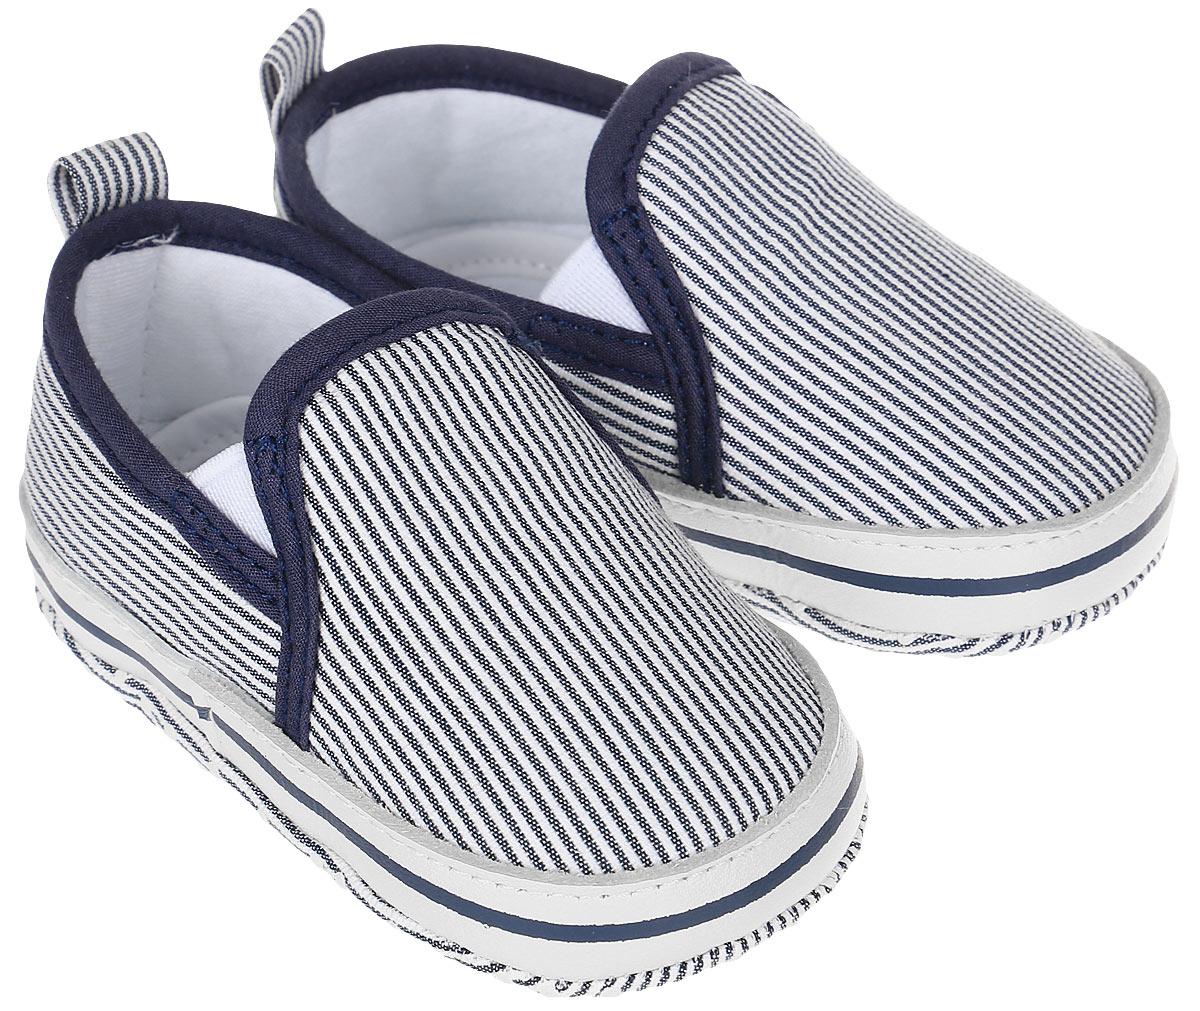 Пинетки для мальчика Kapika, цвет: синий, белый. 10130. Размер 1810130Стильные и модные пинетки для мальчика в виде слипонов от Kapika выполнены из хлопкового текстиля. Модель по бокам дополнена эластичной резинкой, которая надежно фиксирует пинетки на ножке ребенка и позволяет регулировать их объем.Удобные детские пинетки станут любимой обувью вашего ребенка.